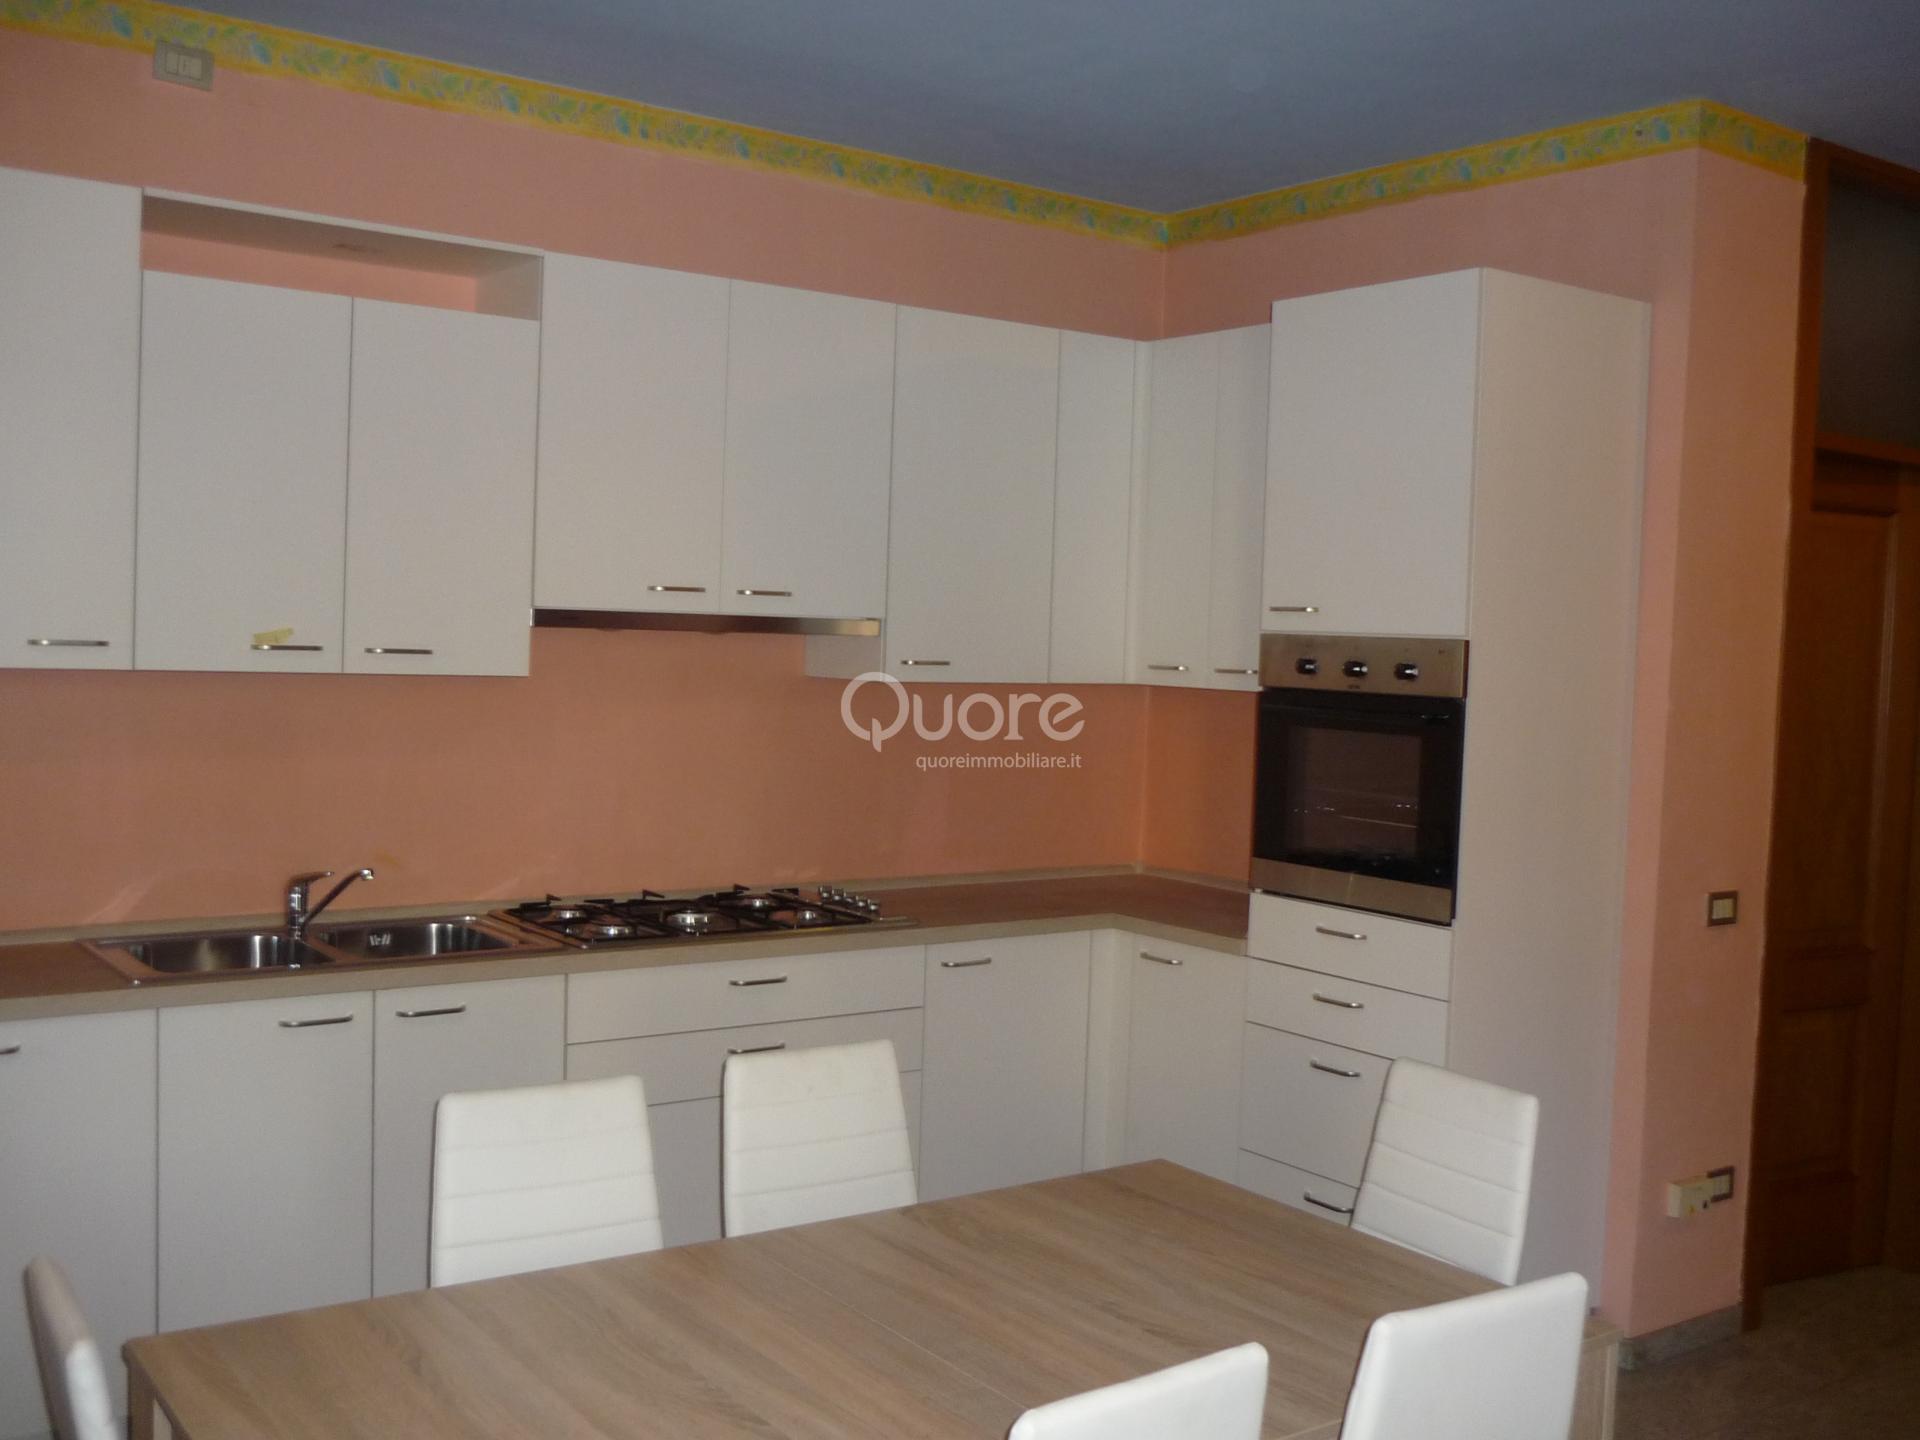 Soluzione Indipendente in affitto a Udine, 3 locali, zona Località: Centrostorico, prezzo € 850 | Cambio Casa.it